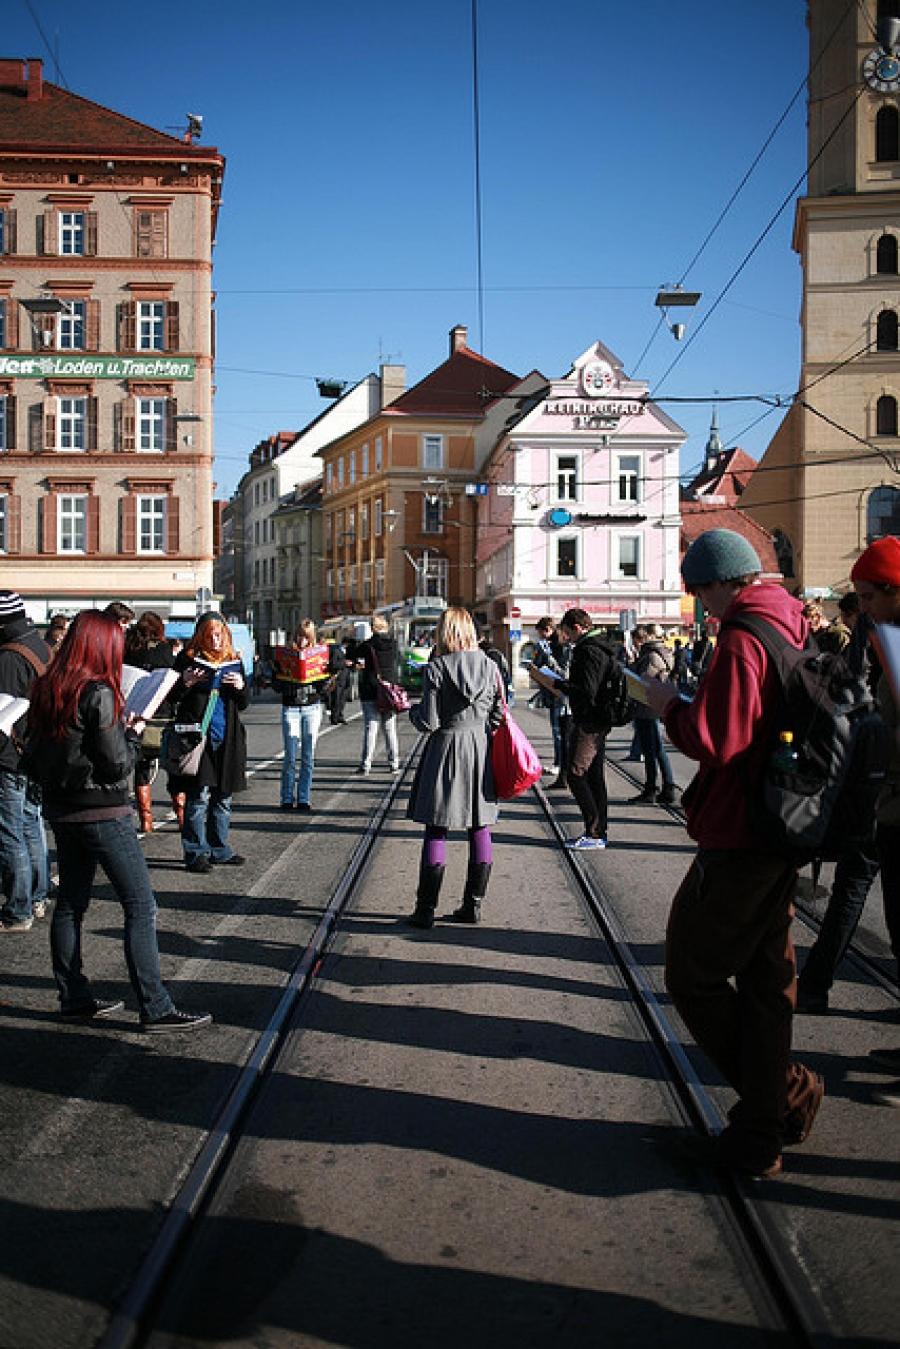 Culture Shock: Austria